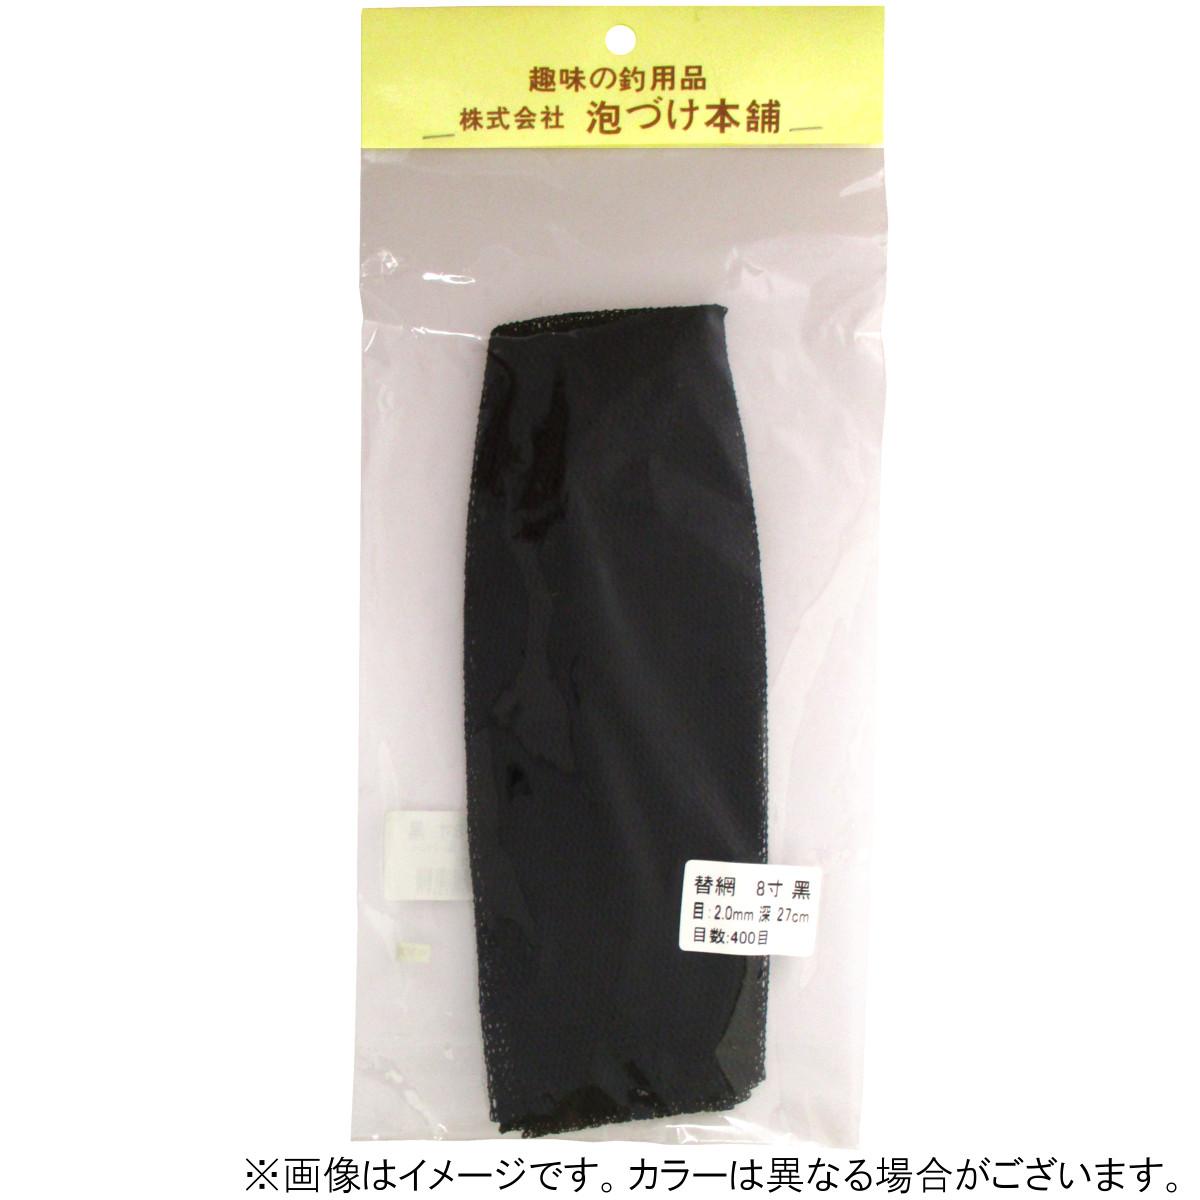 泡づけ本舗 替網 8寸 2.0mm目(東日本店)